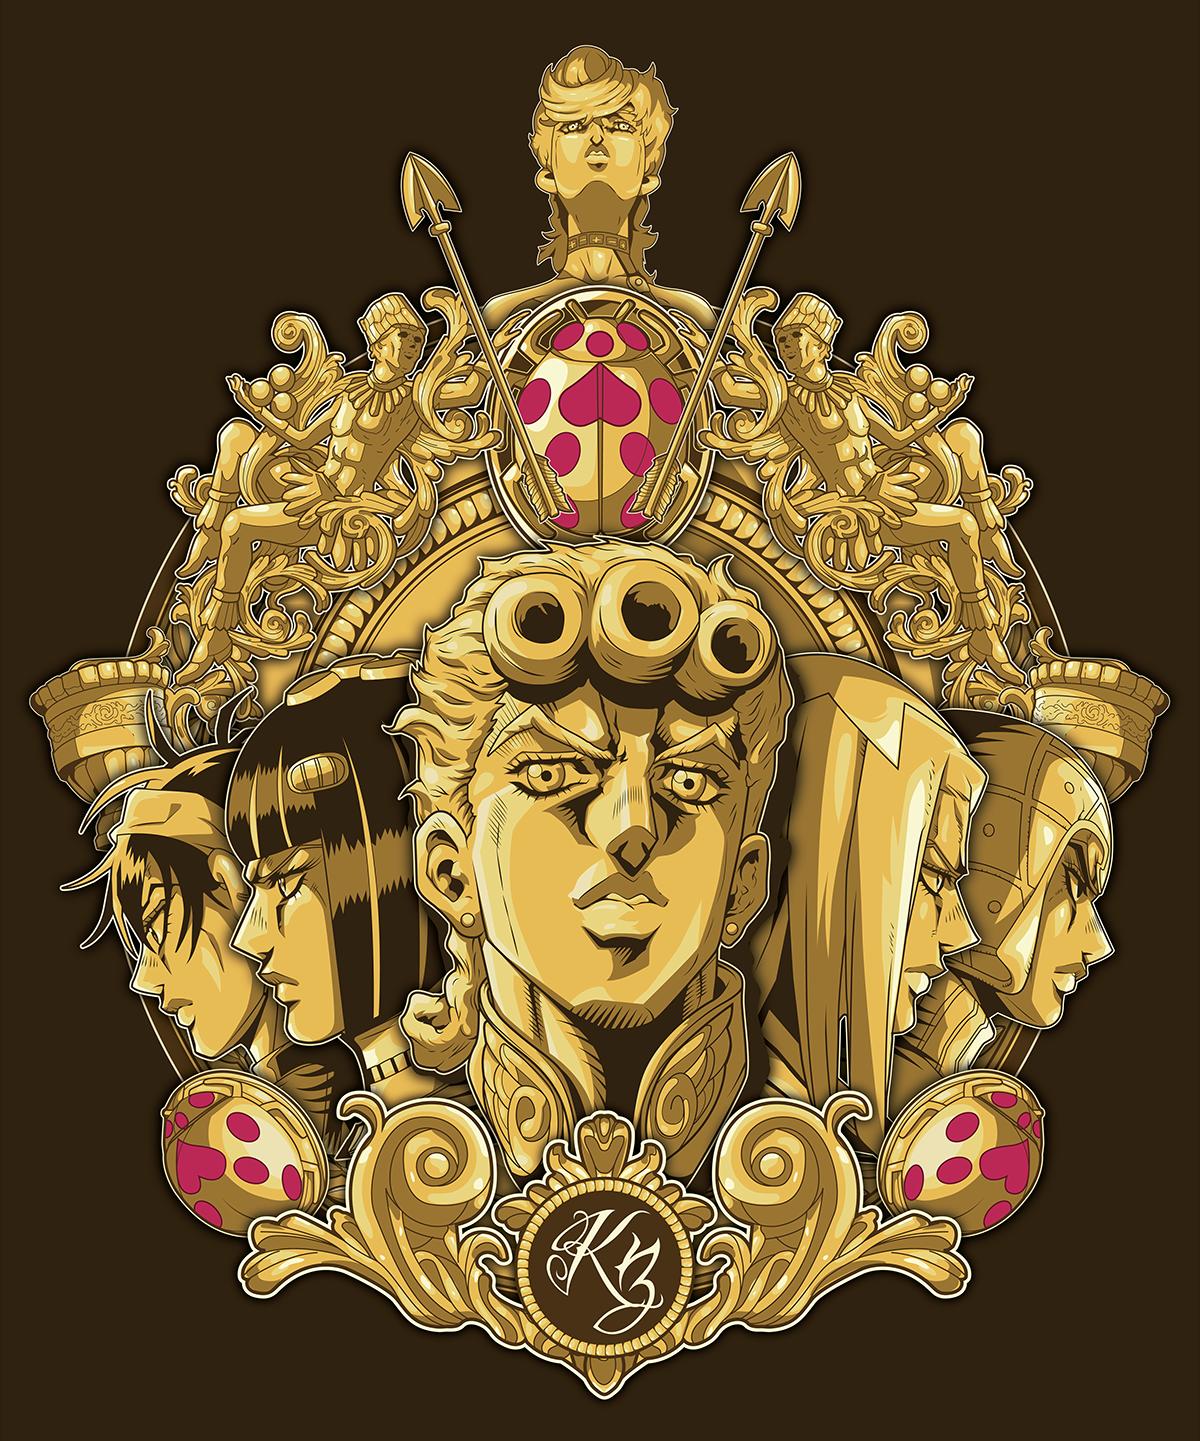 Vento Aureo Jojo S Design On Behance Jojo Bizarre Jojo Bizzare Adventure Jojo Anime